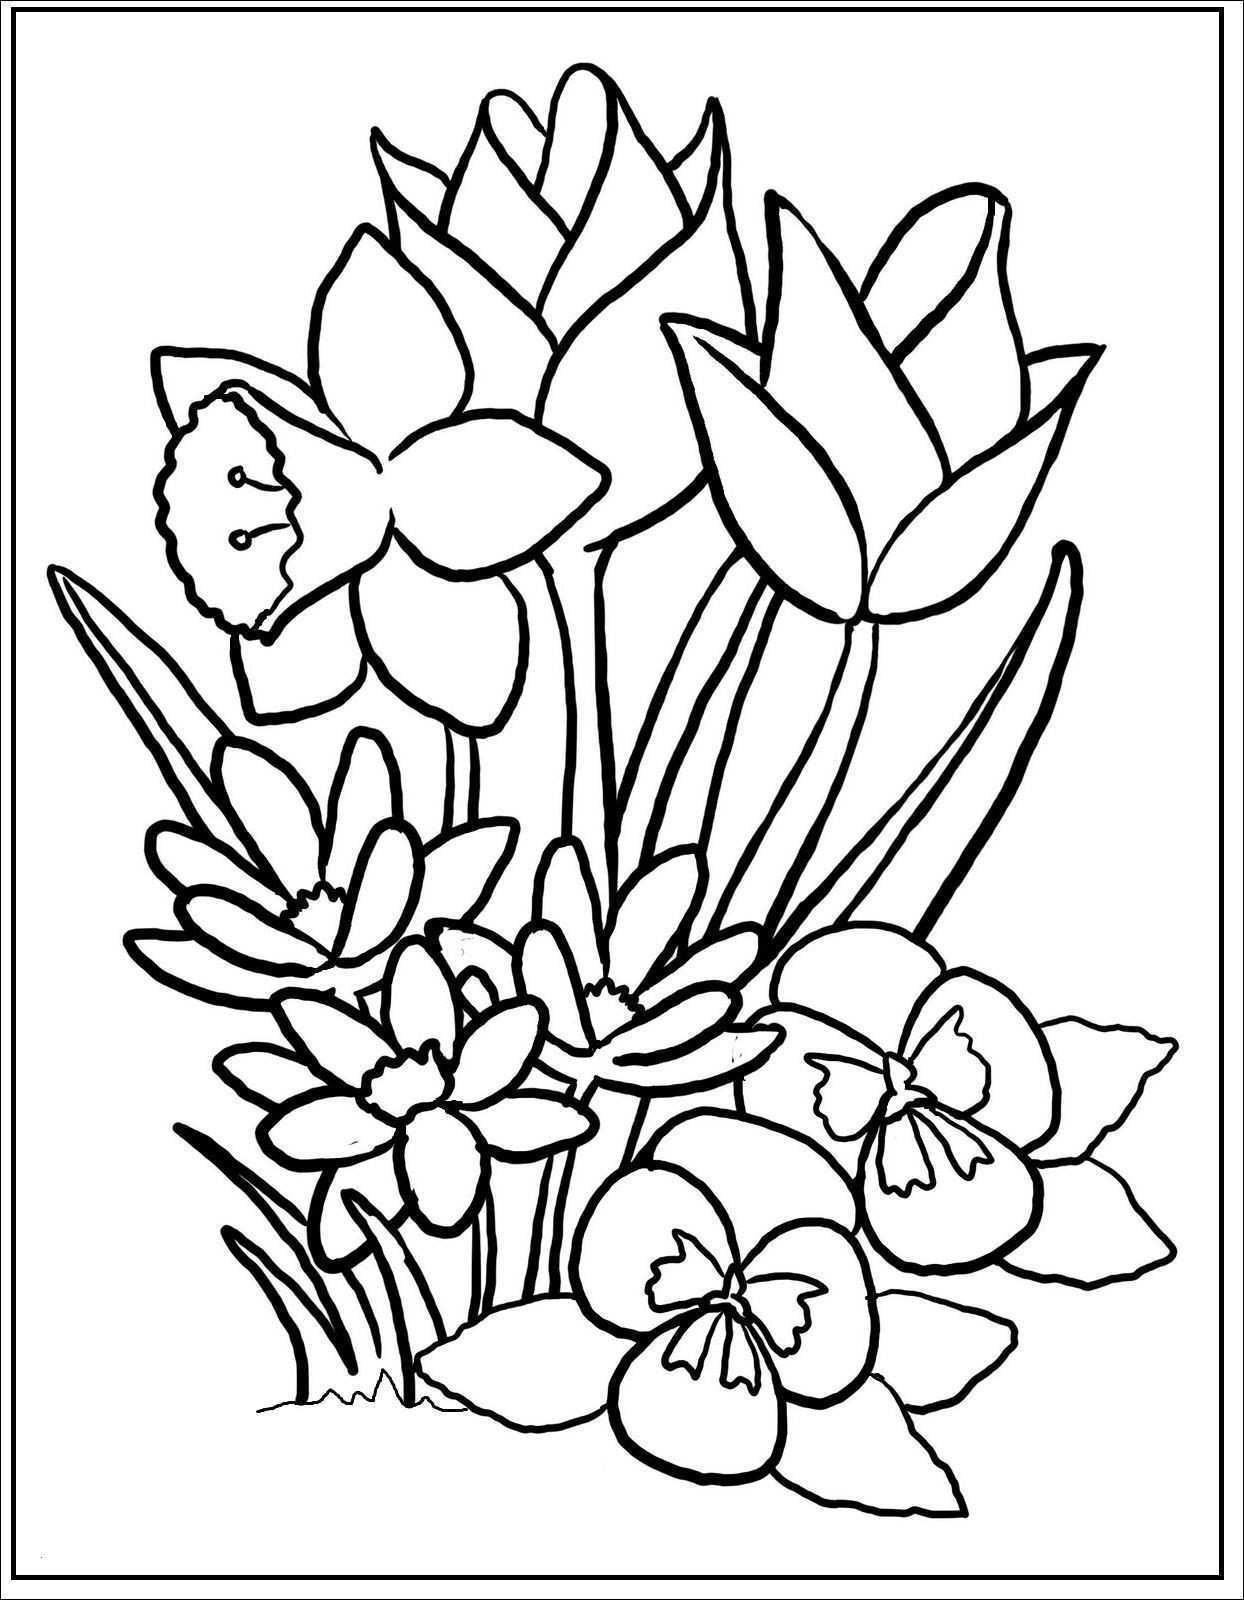 Malvorlagen Blumen Ranken Das Beste Von Malvorlagen Blumen Ranken Foto Bildergalerie & Bilder Zum Ausmalen Fotos